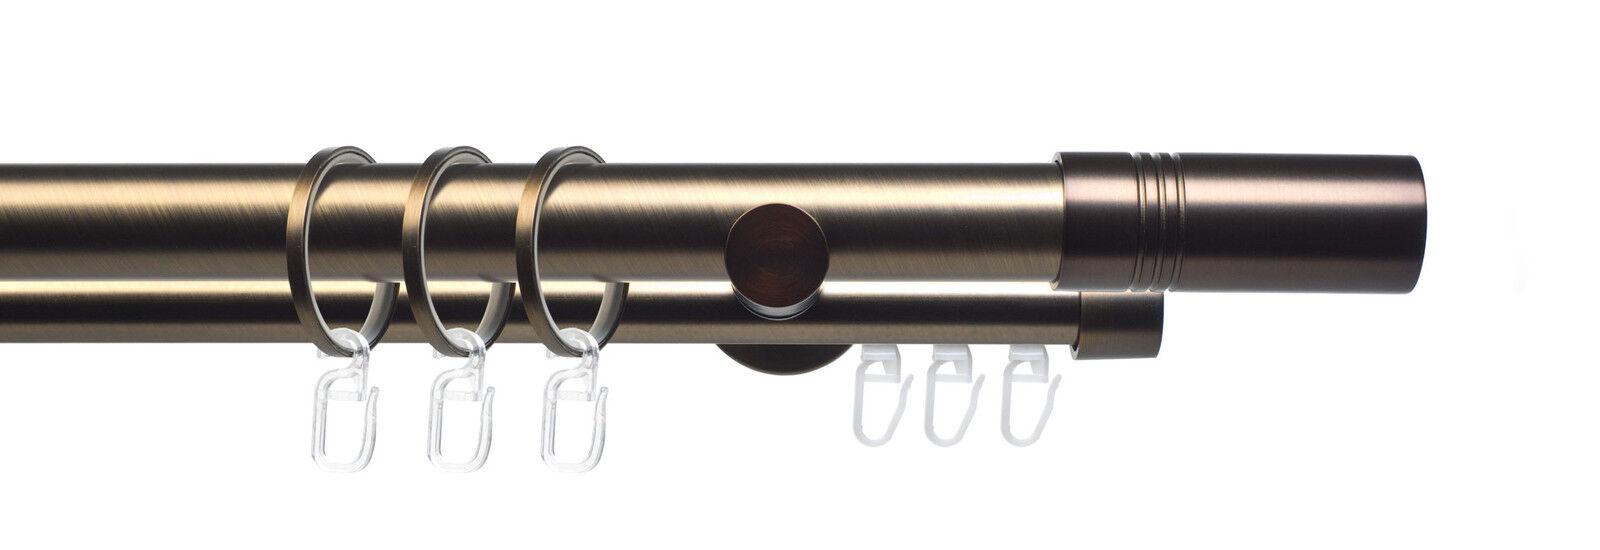 Gardinenstange Vorhangstange Stilgarnitur Celtic Zylinder 25 25 25 mm bronze f51a5d